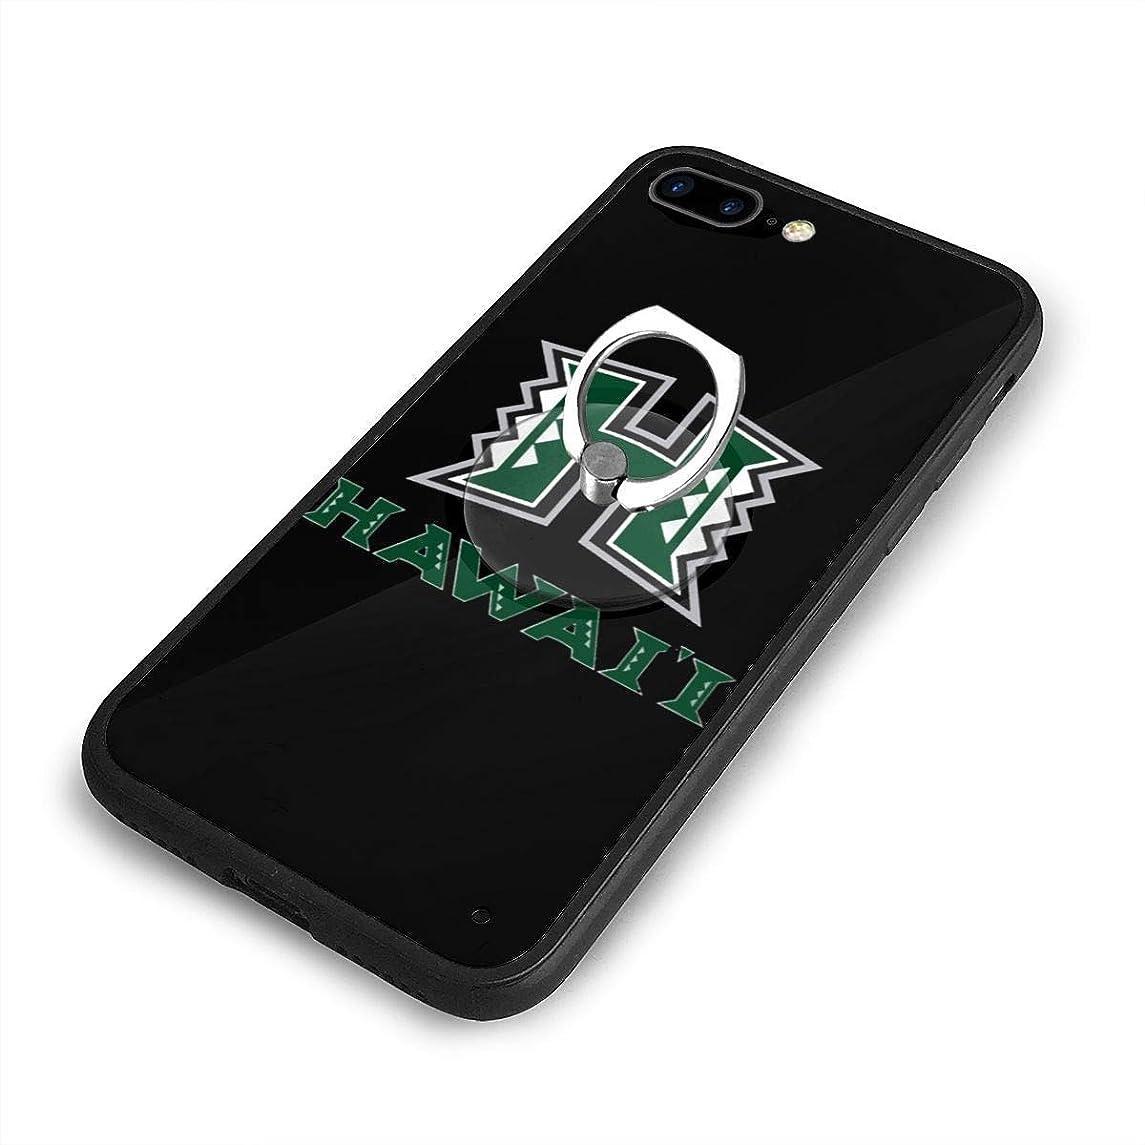 地殻マントエリートハワイ大学マノア校 ロゴ 01 iPhone 7/8 Plusケースリングブラケット 携帯カバー 創意デザイン軽量 傷つけ防止 360°回転ブラケット 携帯ケース PC 衝撃防止 全面保護